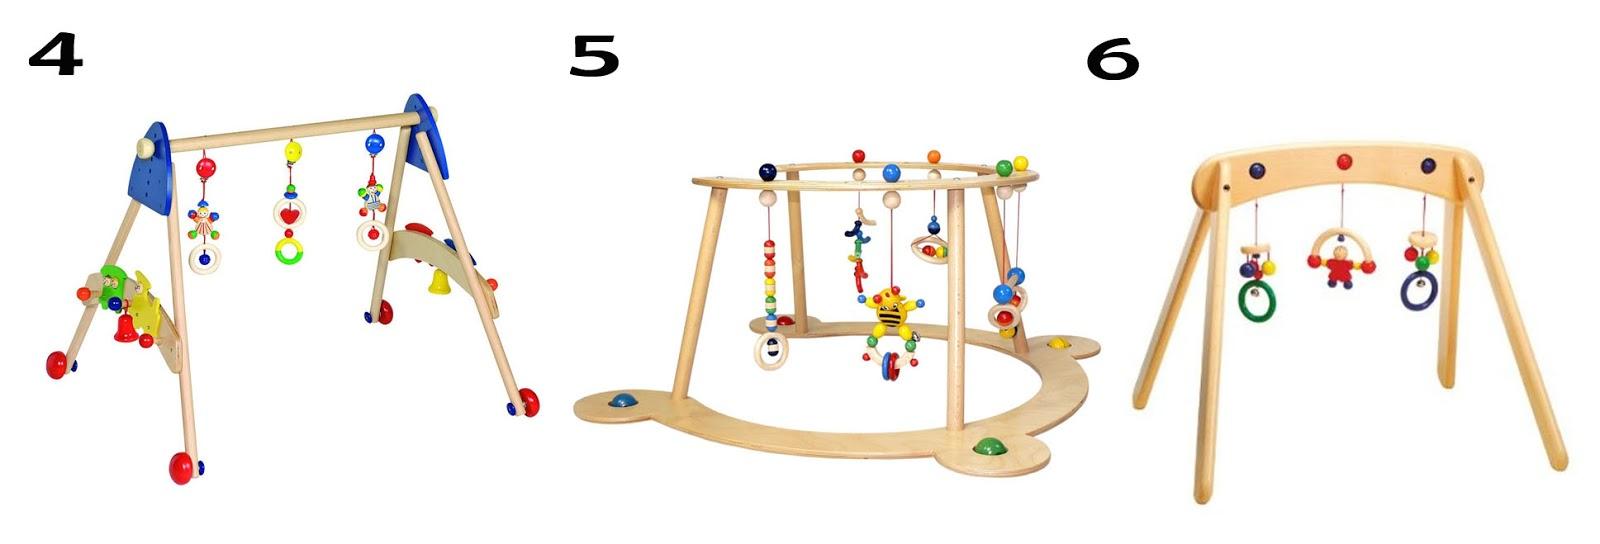 M s de 100 ideas de juguetes educativos para beb s de 0 a - Juguetes para bebes de 2 meses ...